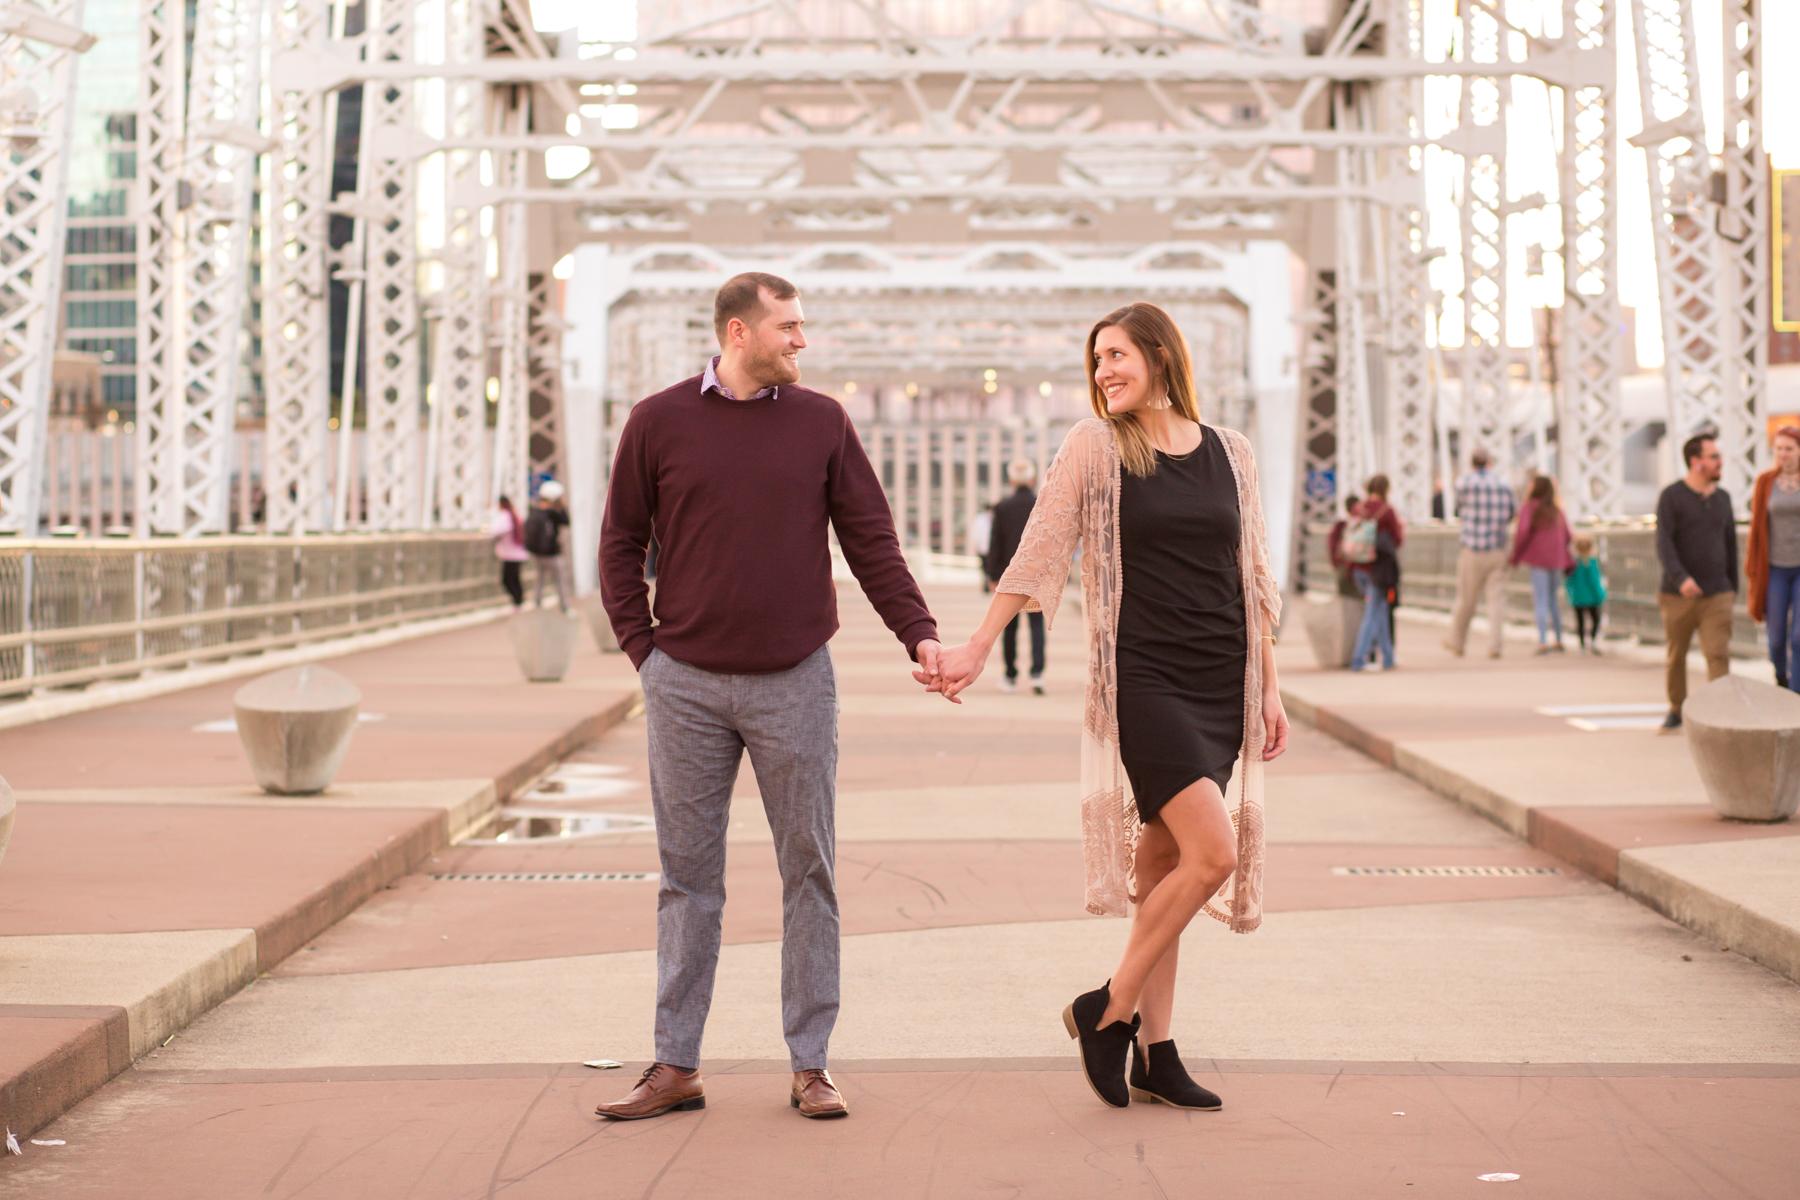 Lauren-and-Grant-Engagement-Centennial-Park-Nashville-Sneak-Peak-0075.jpg